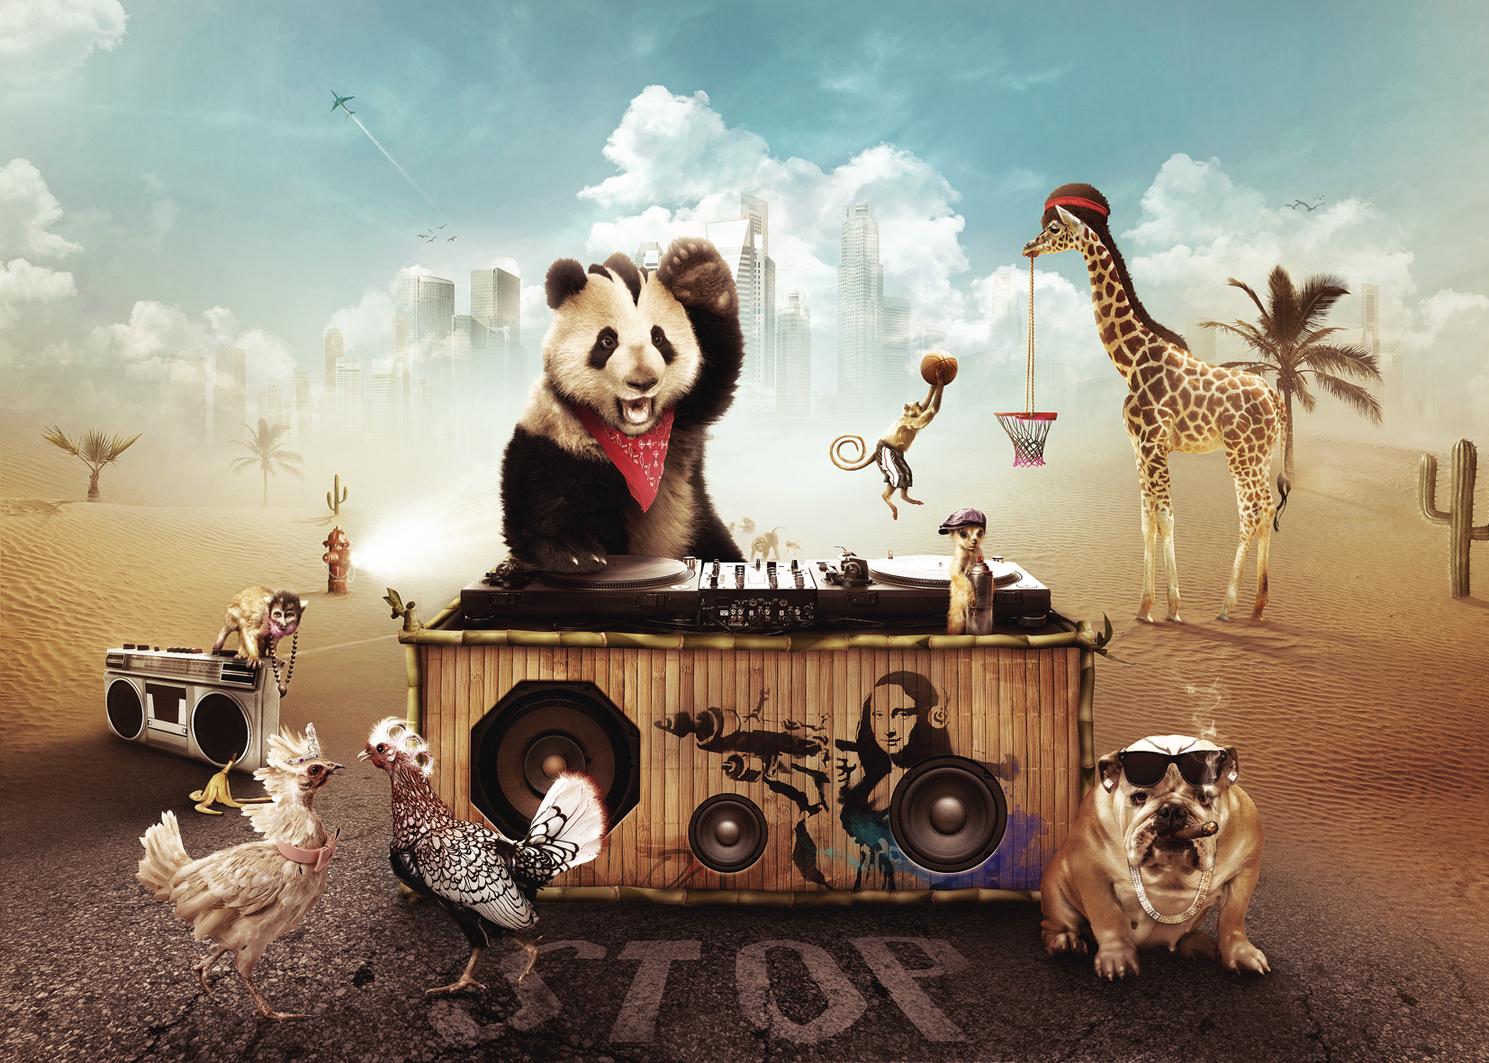 Party Animals By Visio Art On Deviantart